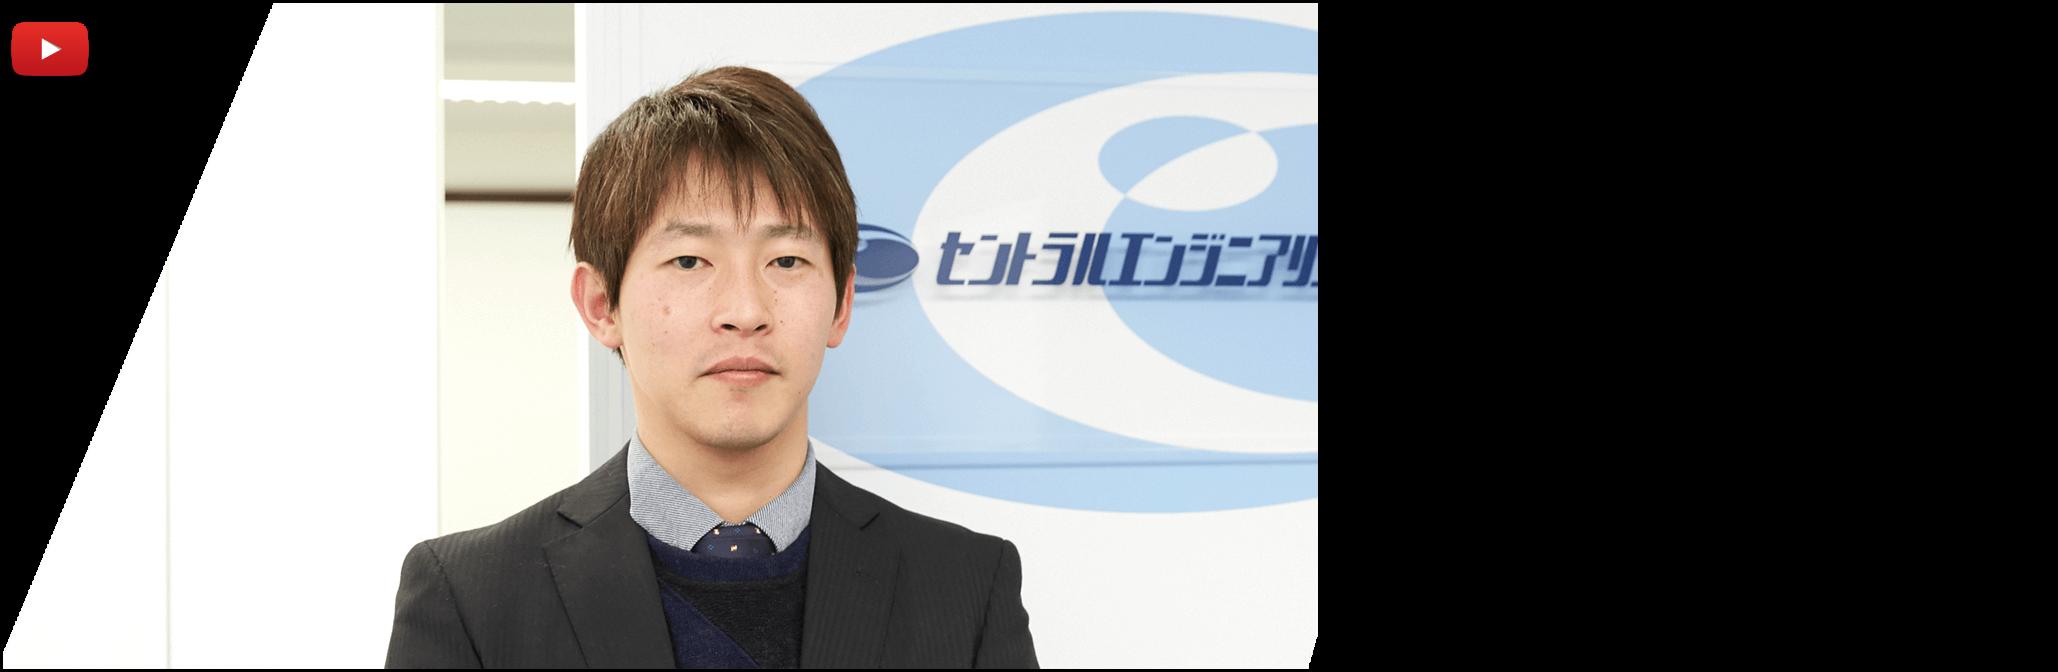 伊藤 亮 36歳    第二新卒として2006年当社入社。  現在は、自動車の車両開発チームを マネージャーとして指揮している。